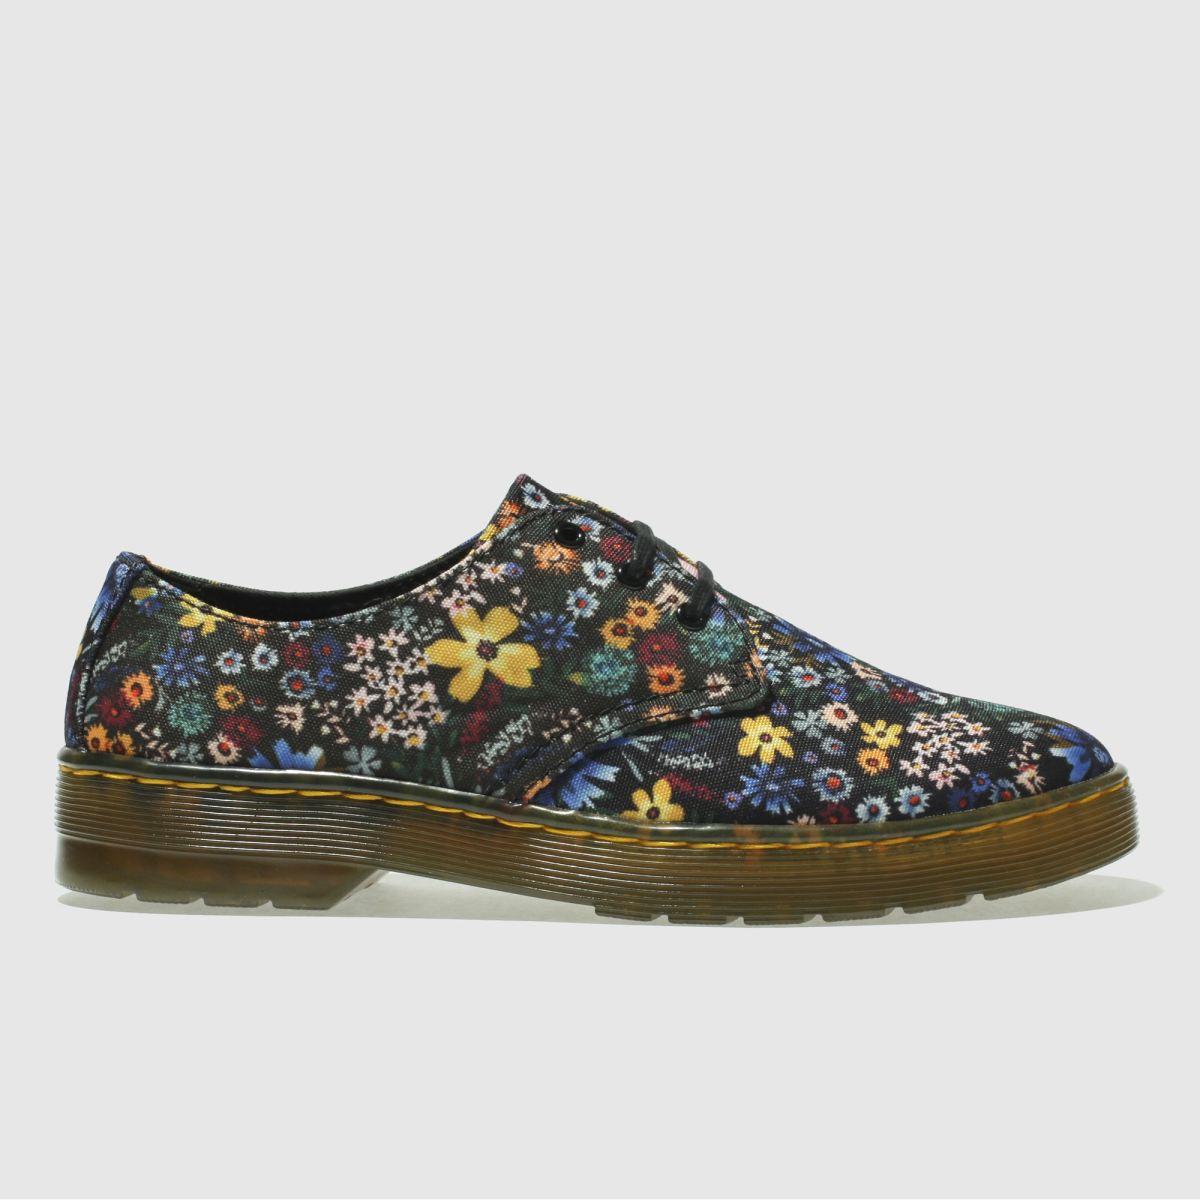 Dr Martens Black & Pink Cruise Gizelle Wanderlust Flat Shoes